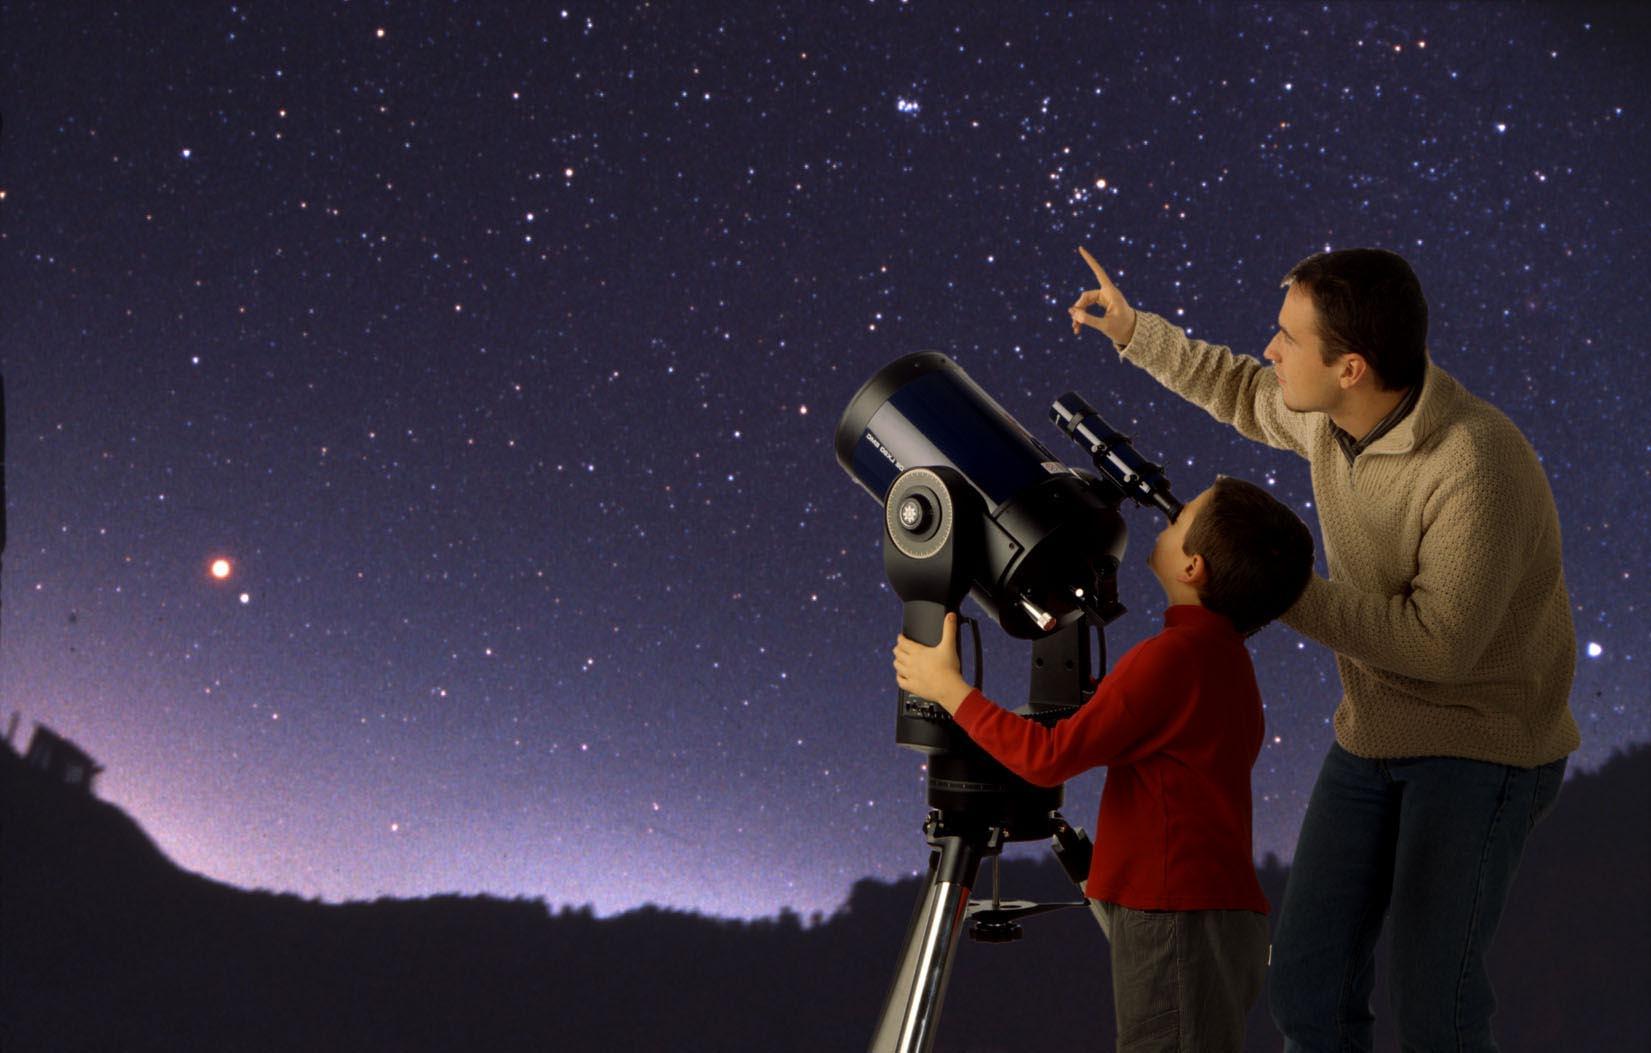 acquisto-telescopi-planetario-bari